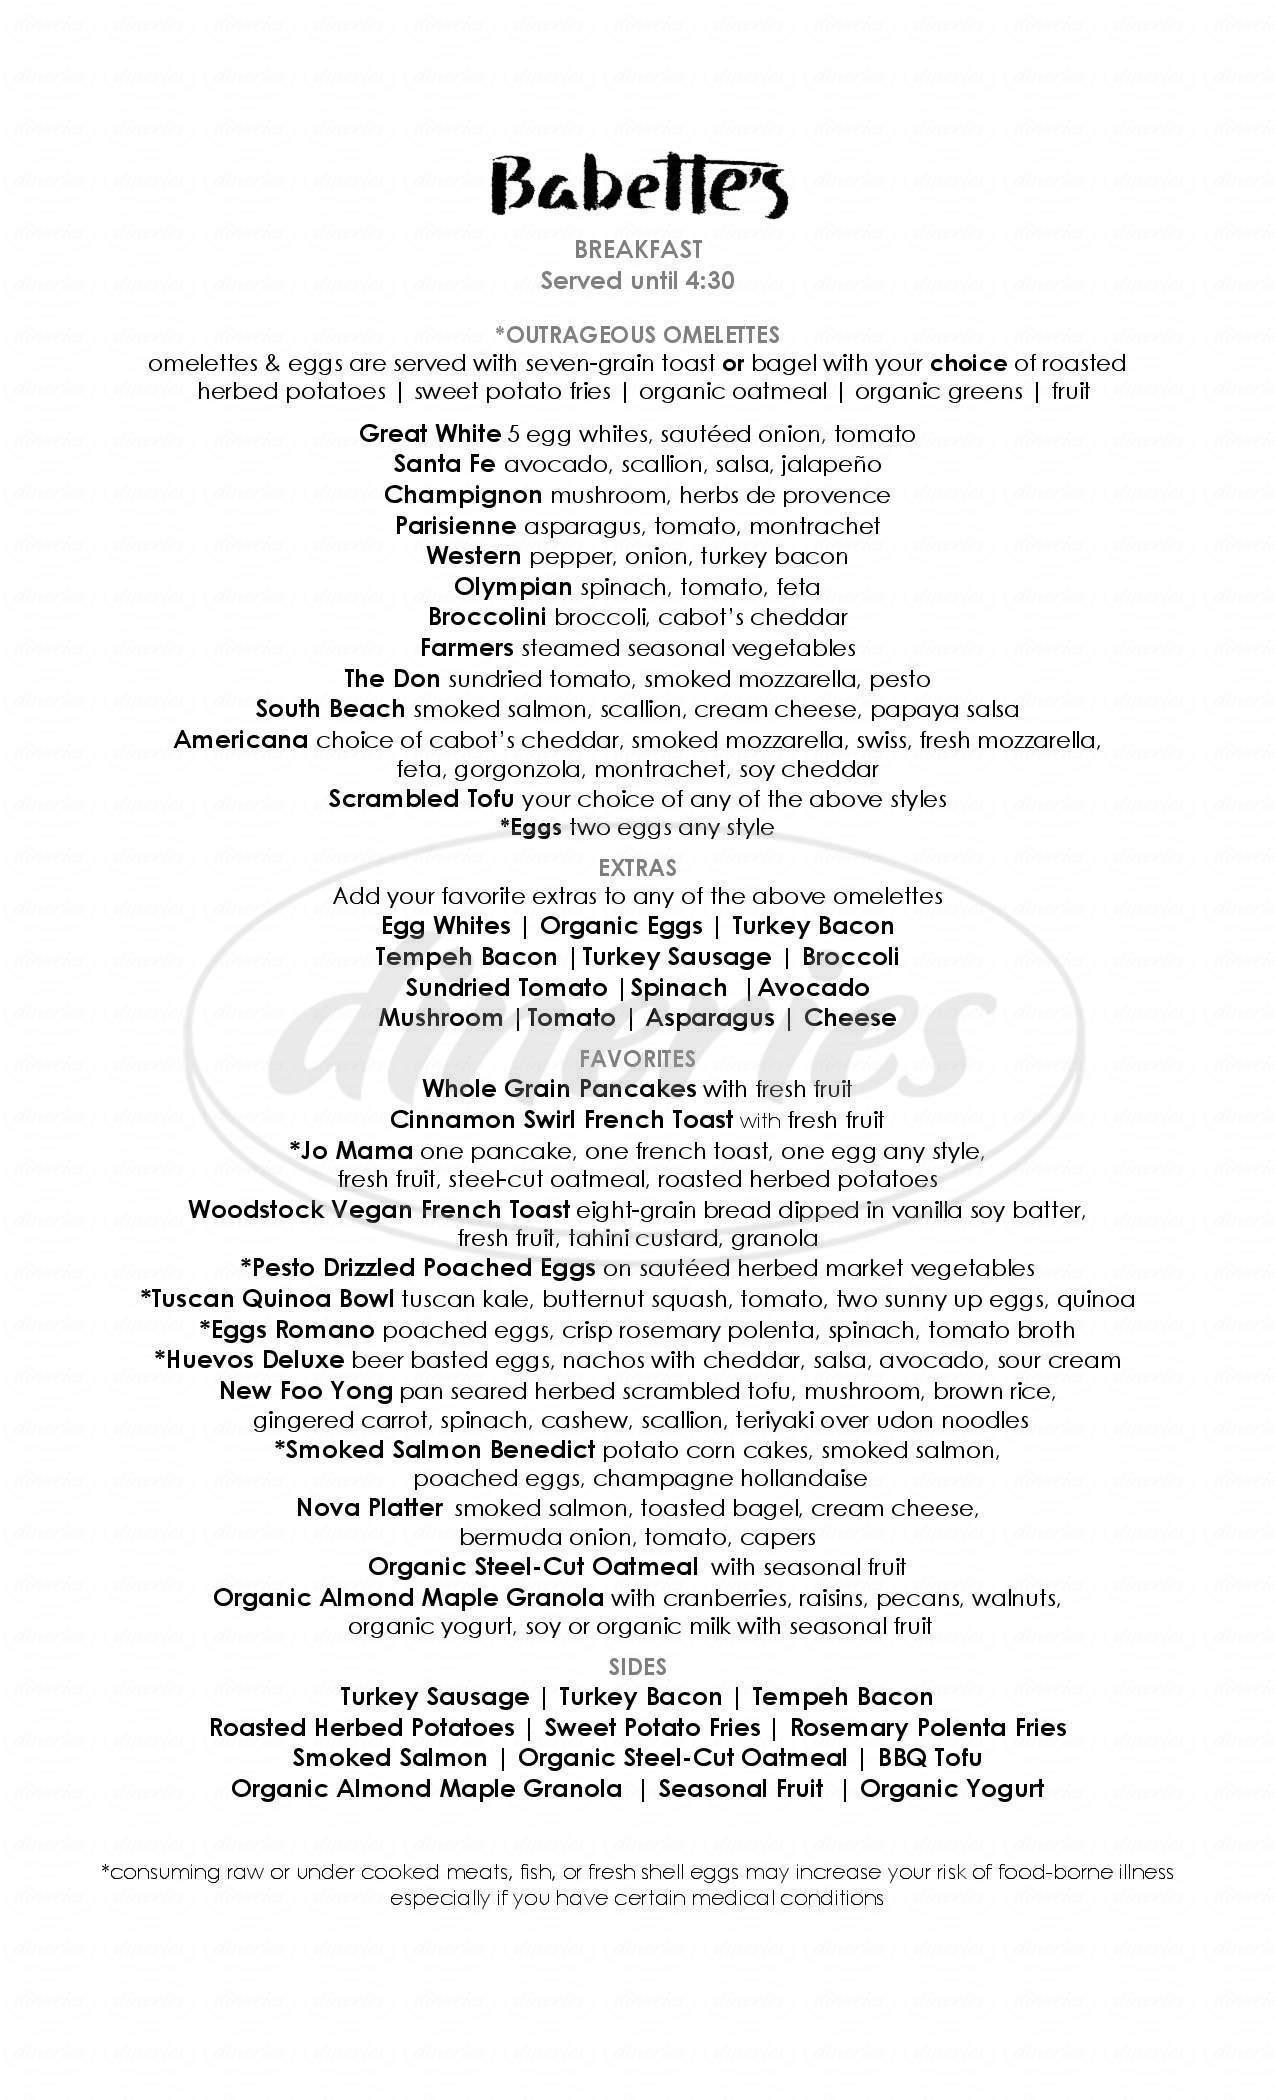 menu for Babette's